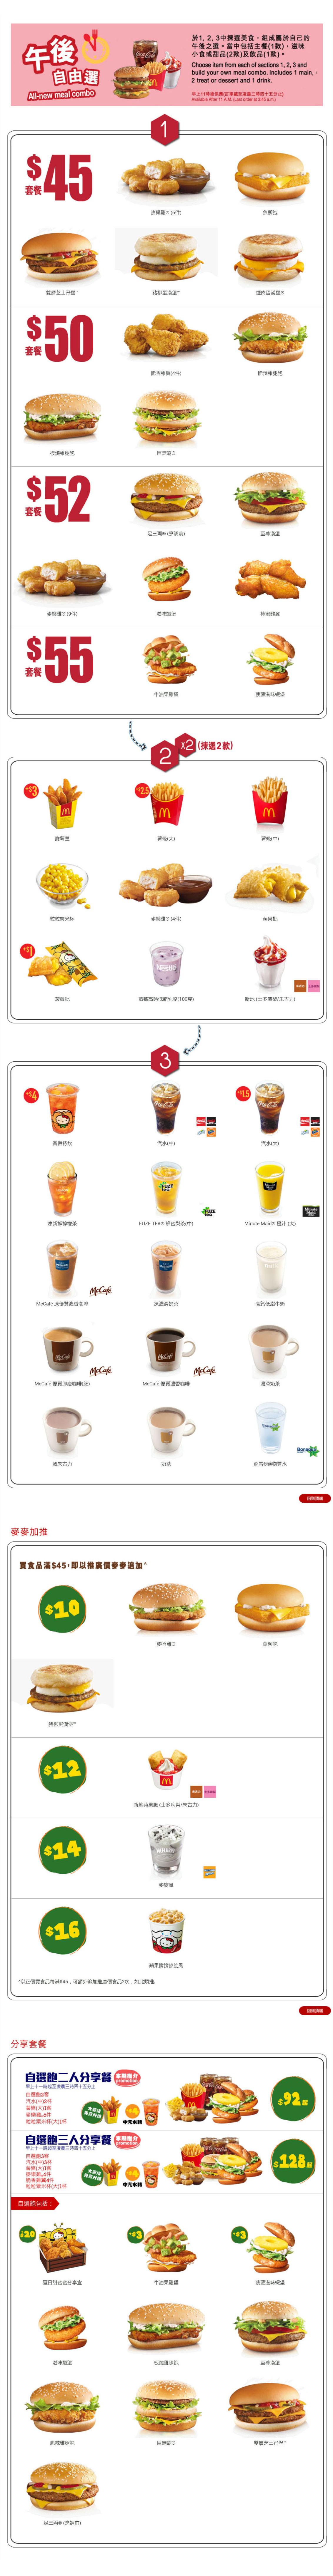 香香港麥當勞麥麥送外賣餐單價錢牌要幾錢早餐時間電話速遞24小時間速遞服務最低消費去邊度平哪邊間推廣好介紹 hong kong mcdonald's 24 hrs delivery discount menu promotion price